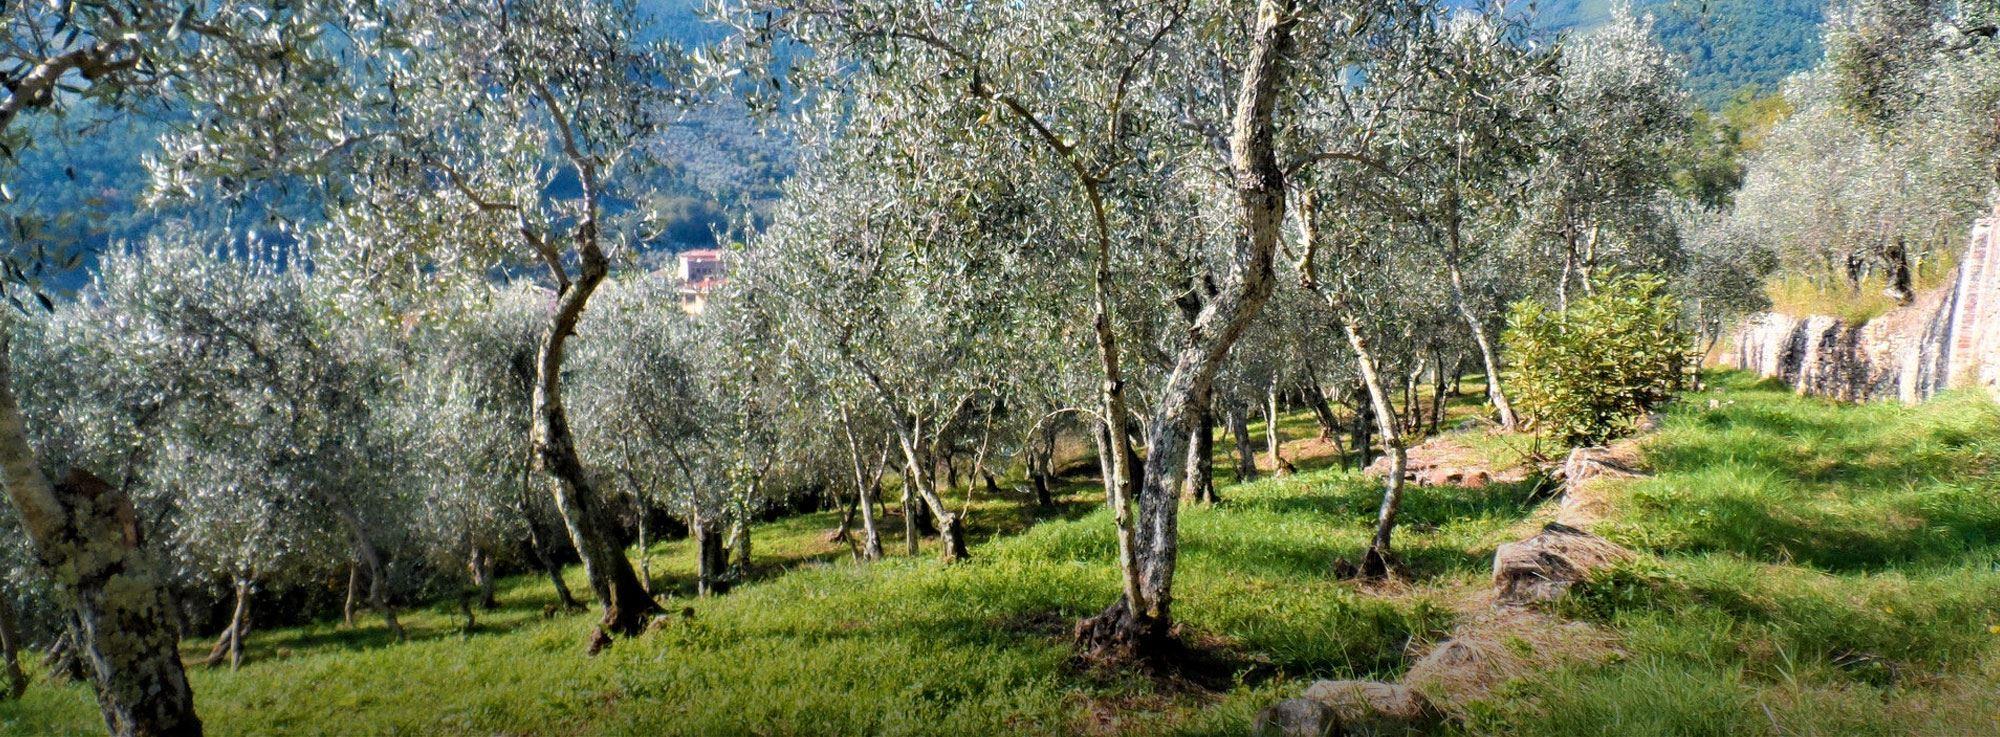 Caprarica di Lecce, Presicce, ...: Camminata tra gli olivi